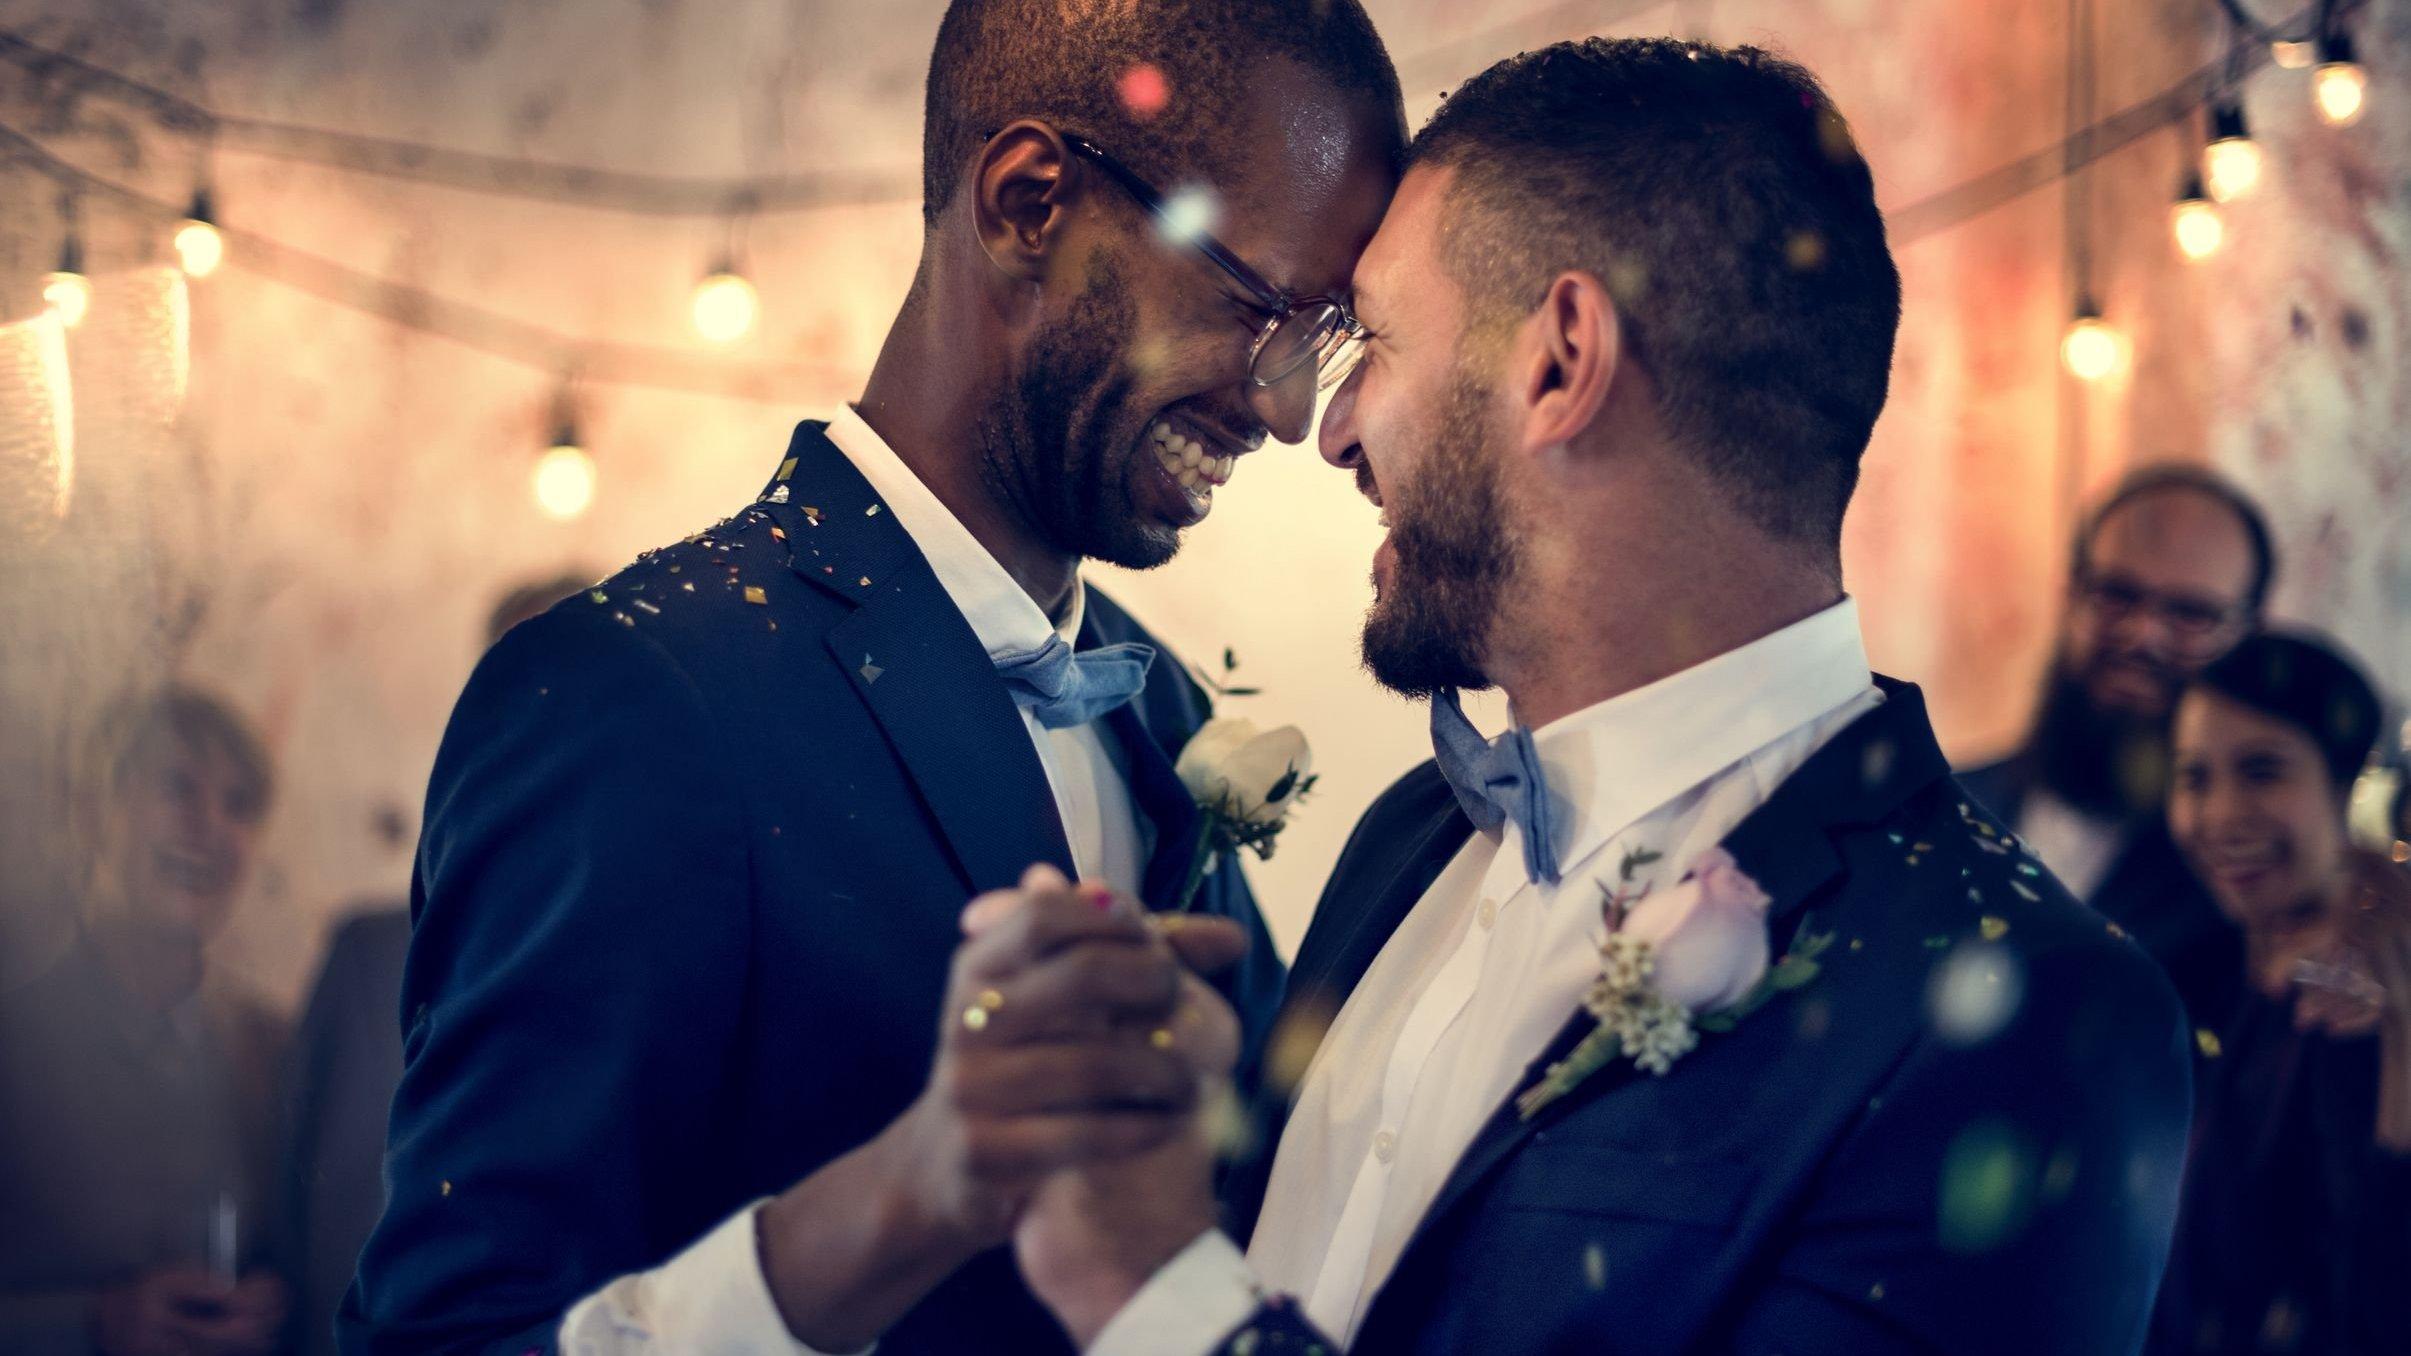 Casal dançando e sorrindo vestidos com roupas de casamento